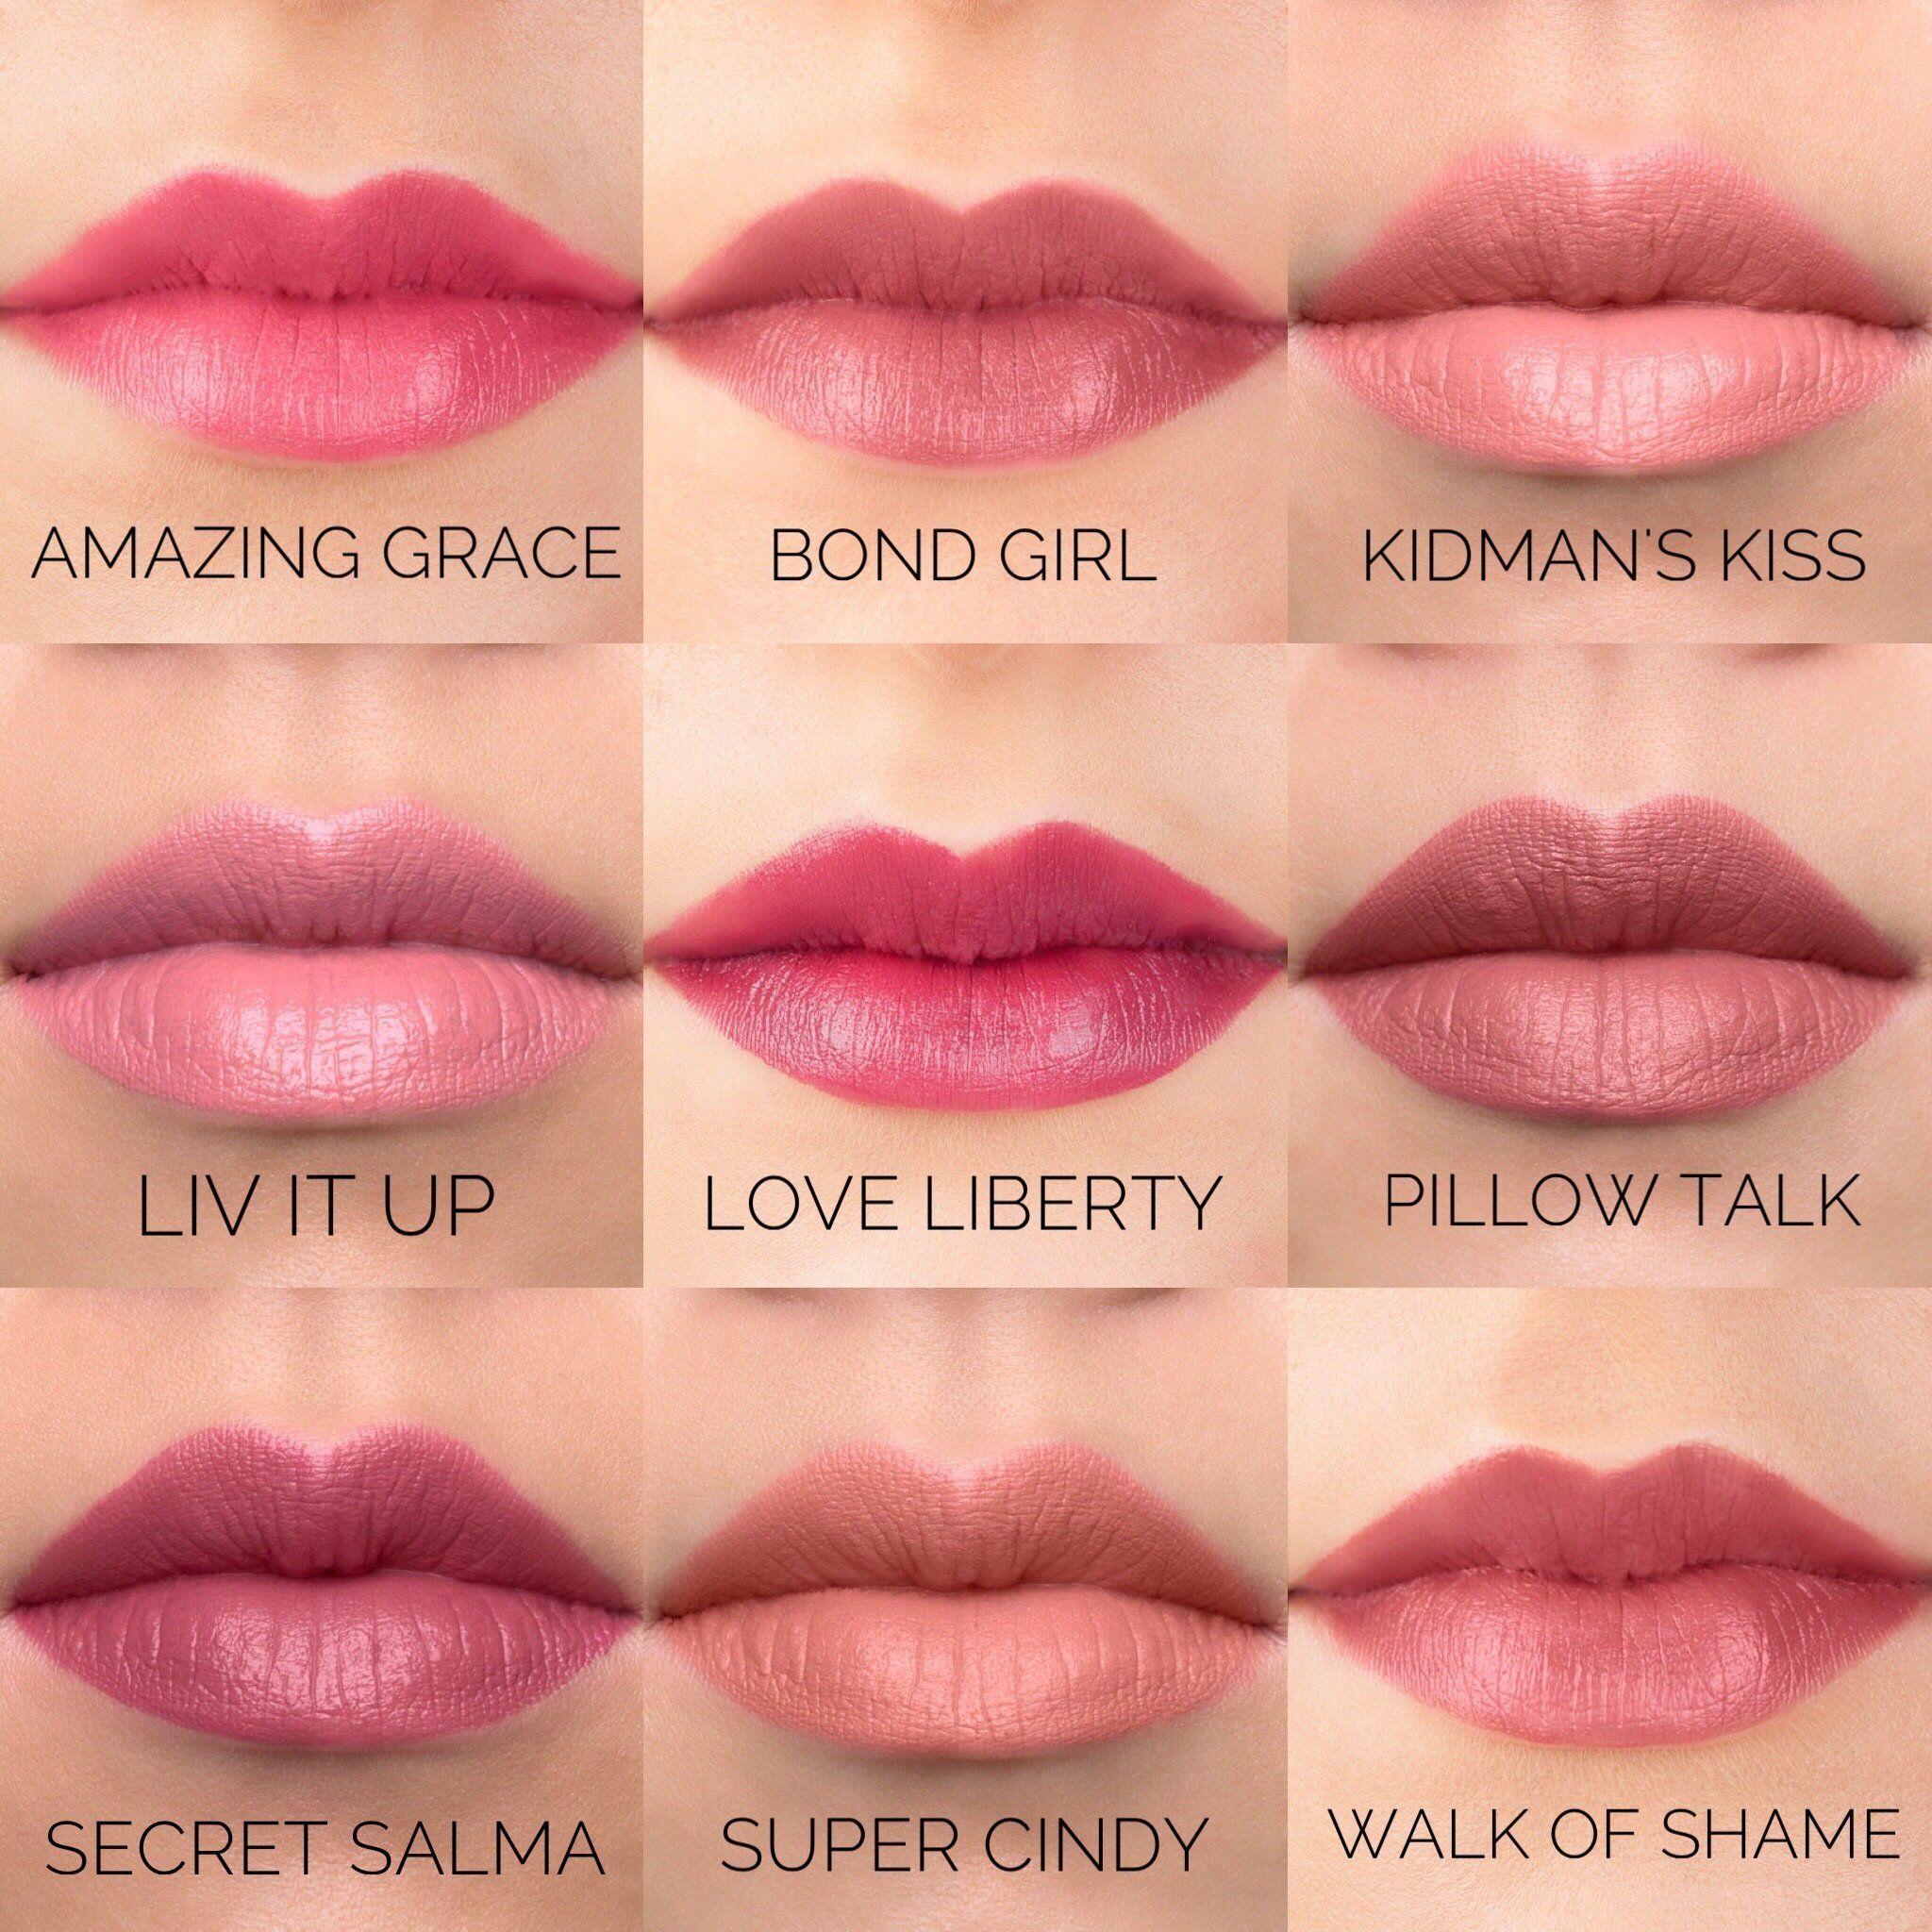 Charlotte Tilbury Lipsticks In 2019 Makeup Charlotte Tilbury Lipstick Charlotte Tilbury